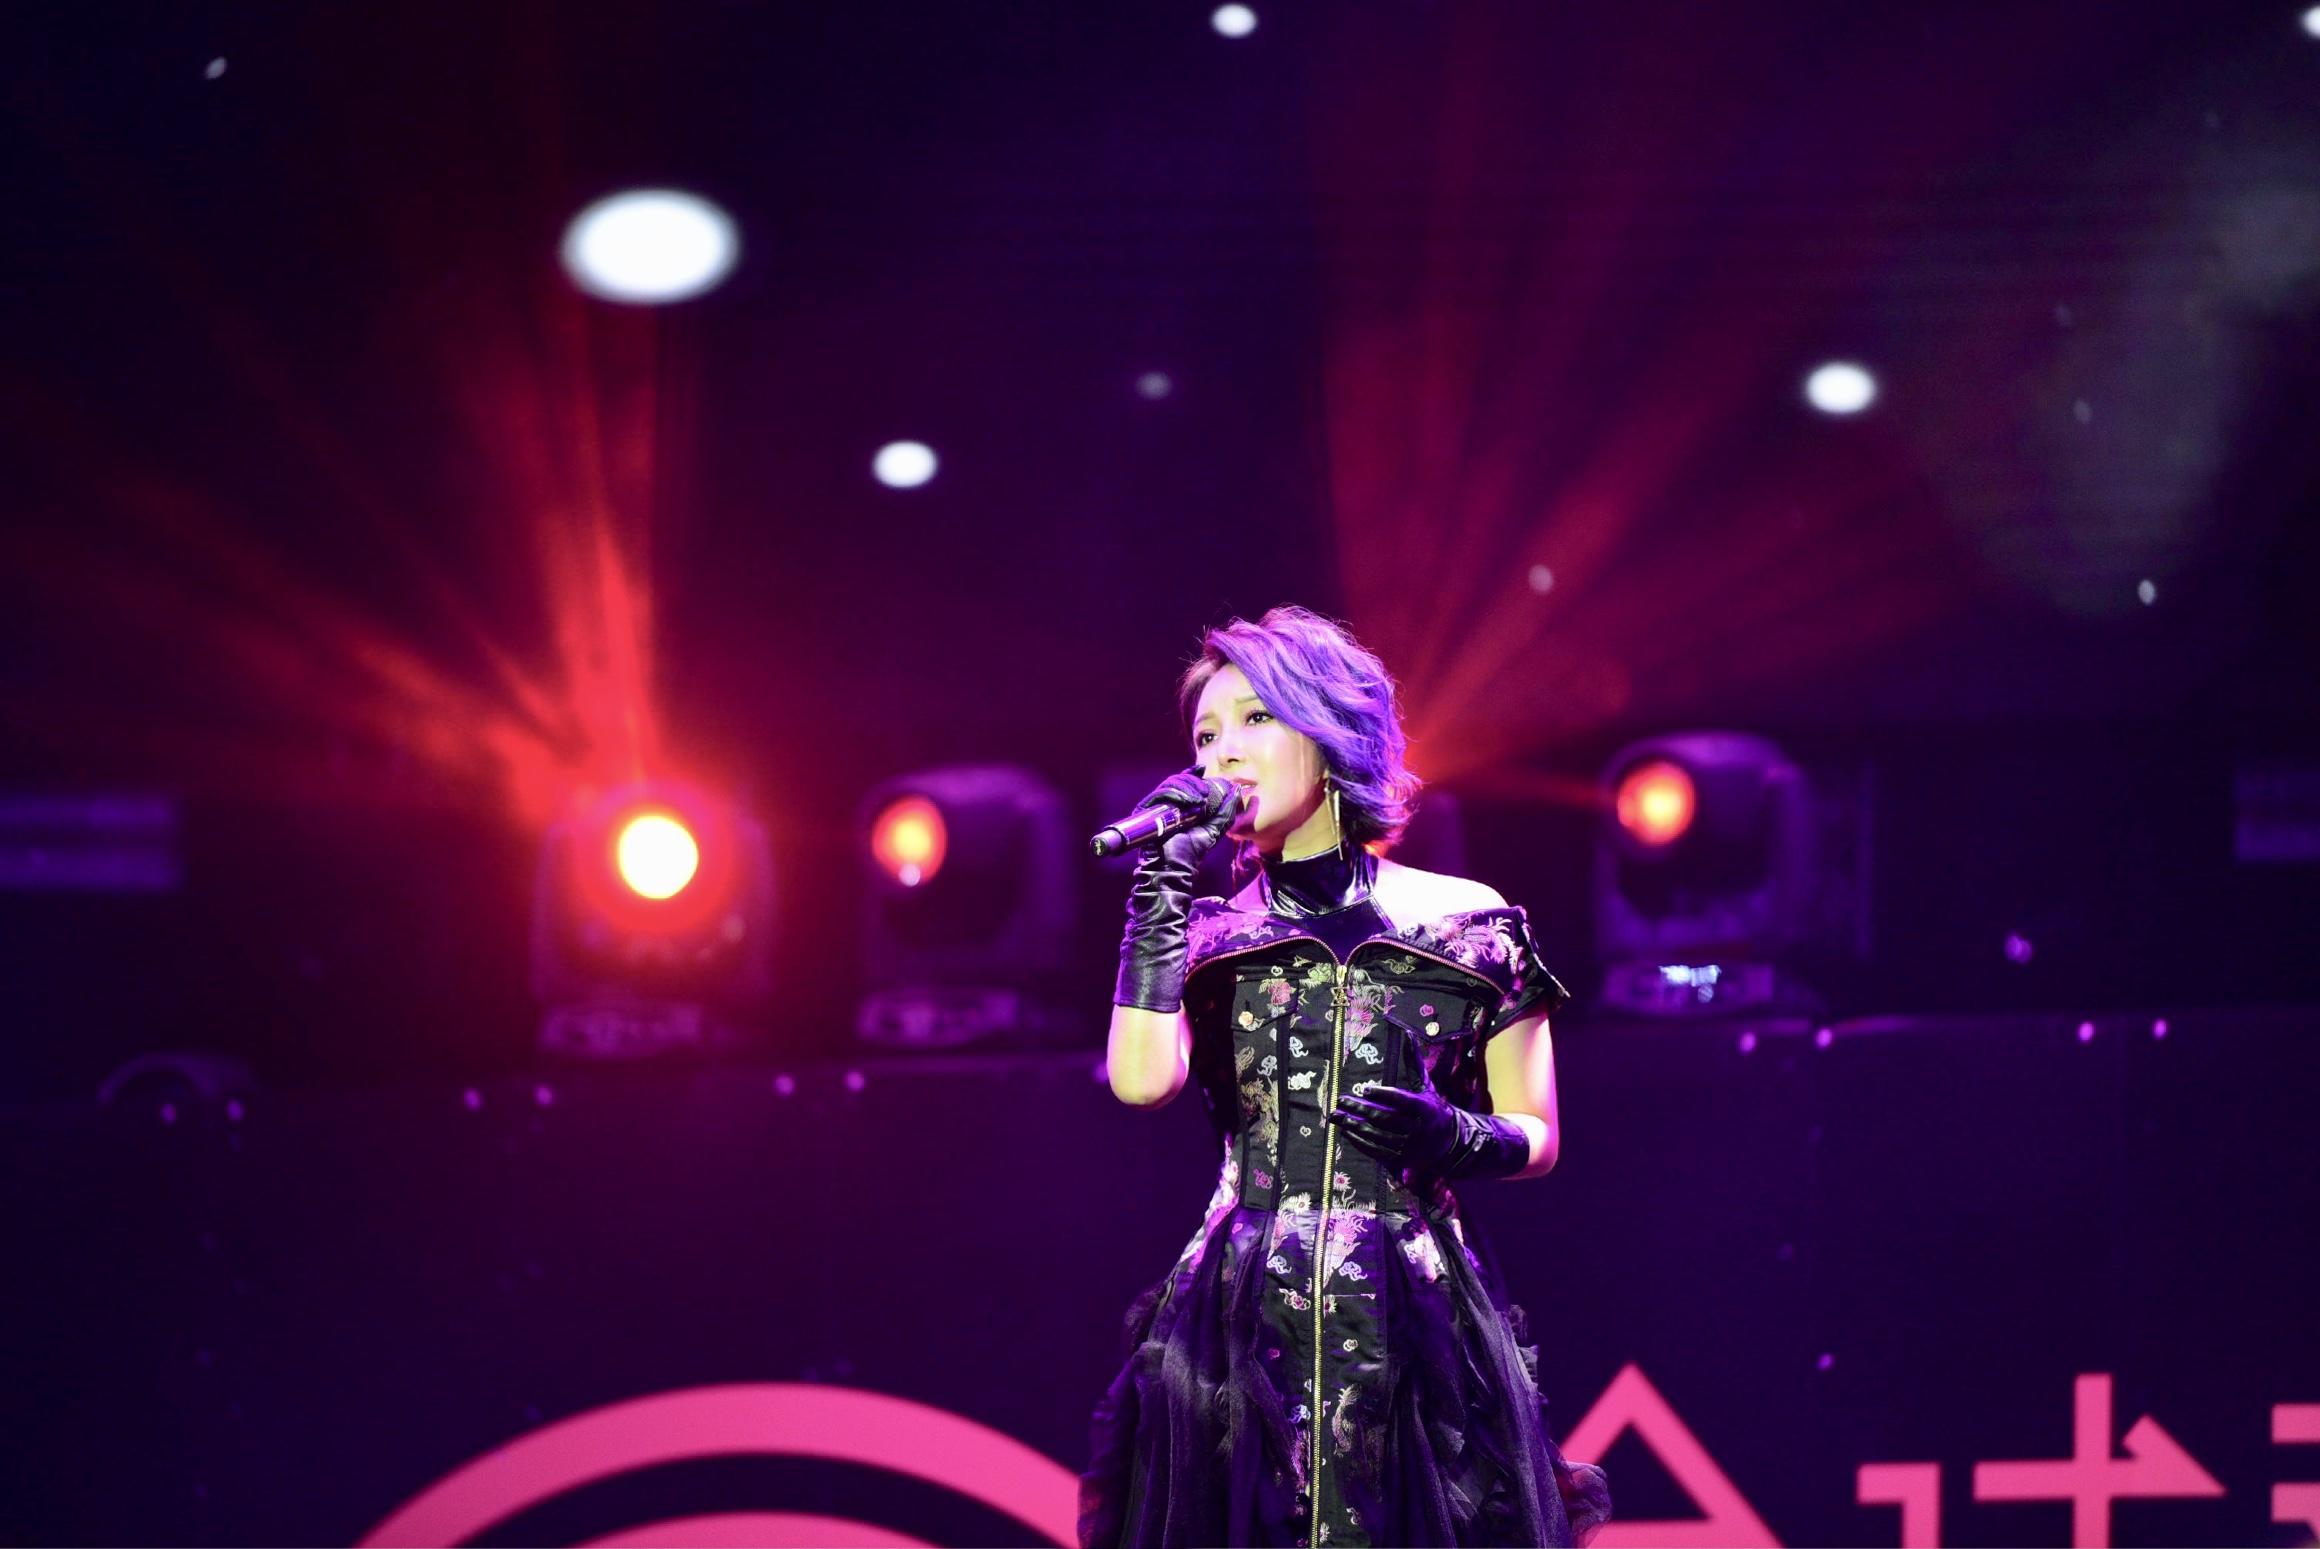 崔子格出席全球华语金曲奖颁奖典礼 斩获两项大奖寻求自我突破